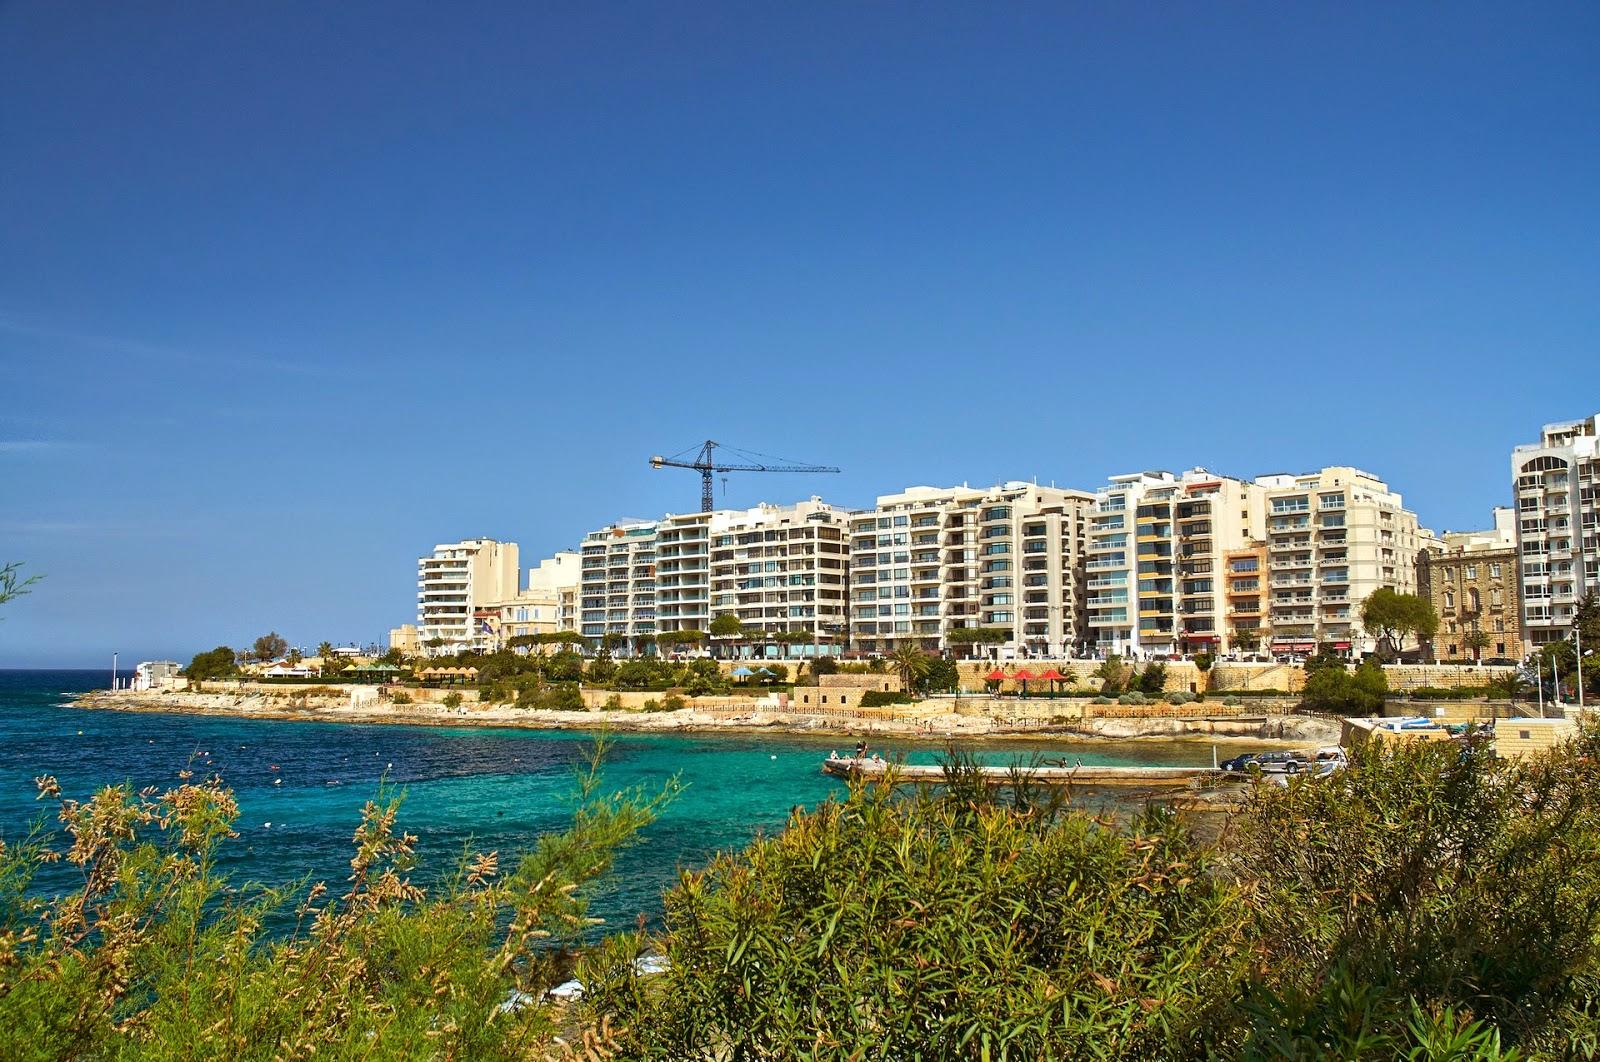 promenada nad brzegiem morza Malta St.Julian